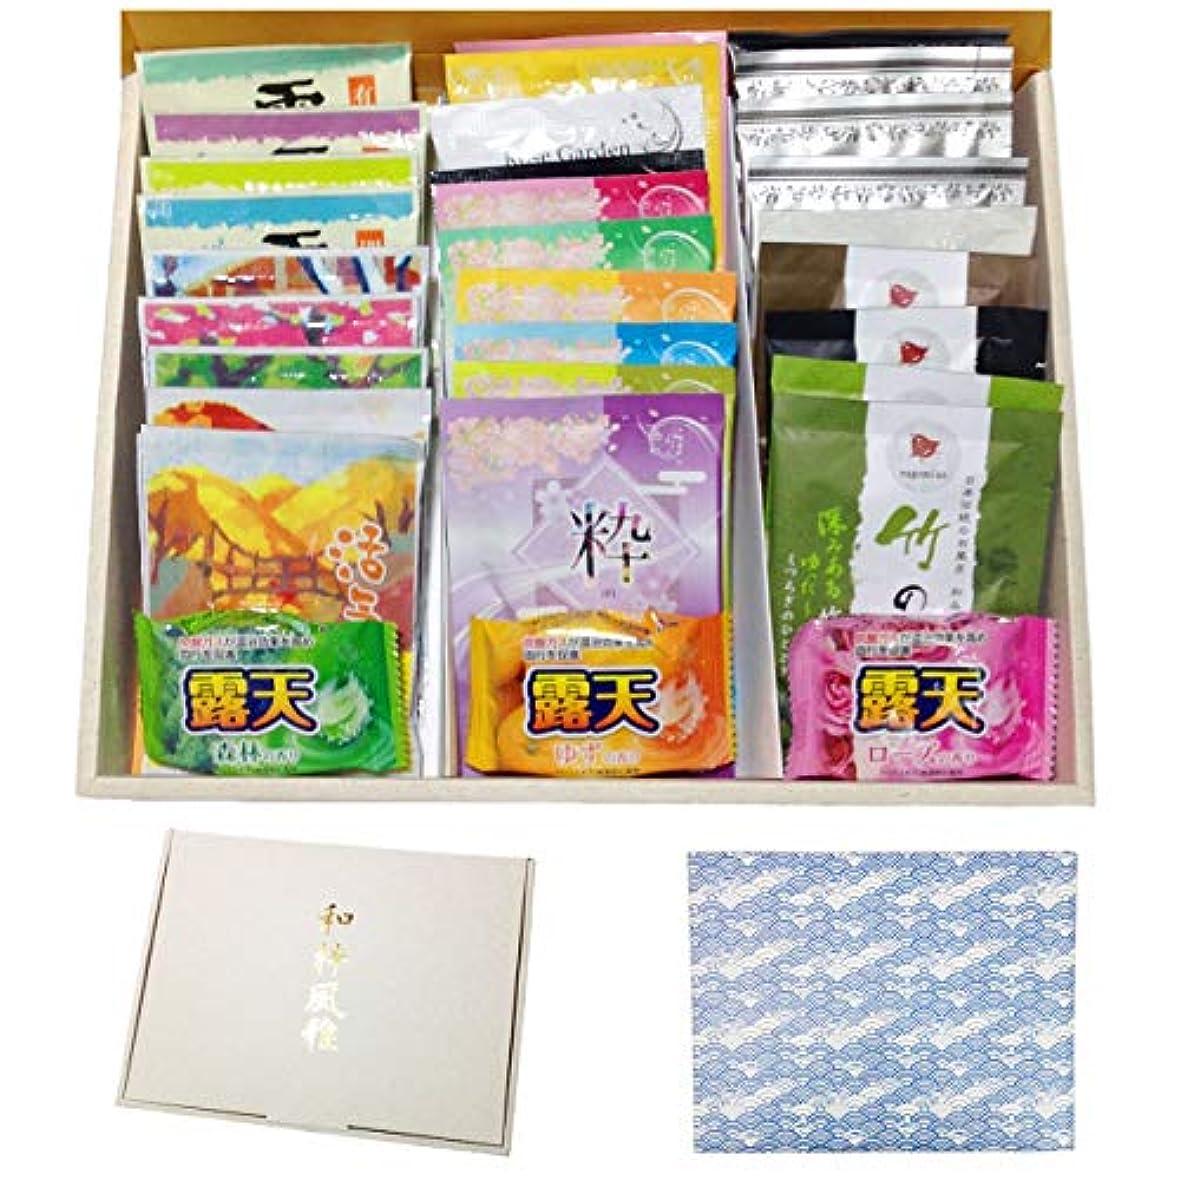 レーザ平和お願いします入浴剤 ギフト セット 日本製 温泉 炭酸 つめあわせ バスギフト プレゼント 30種類/50種類 (30個30種類)